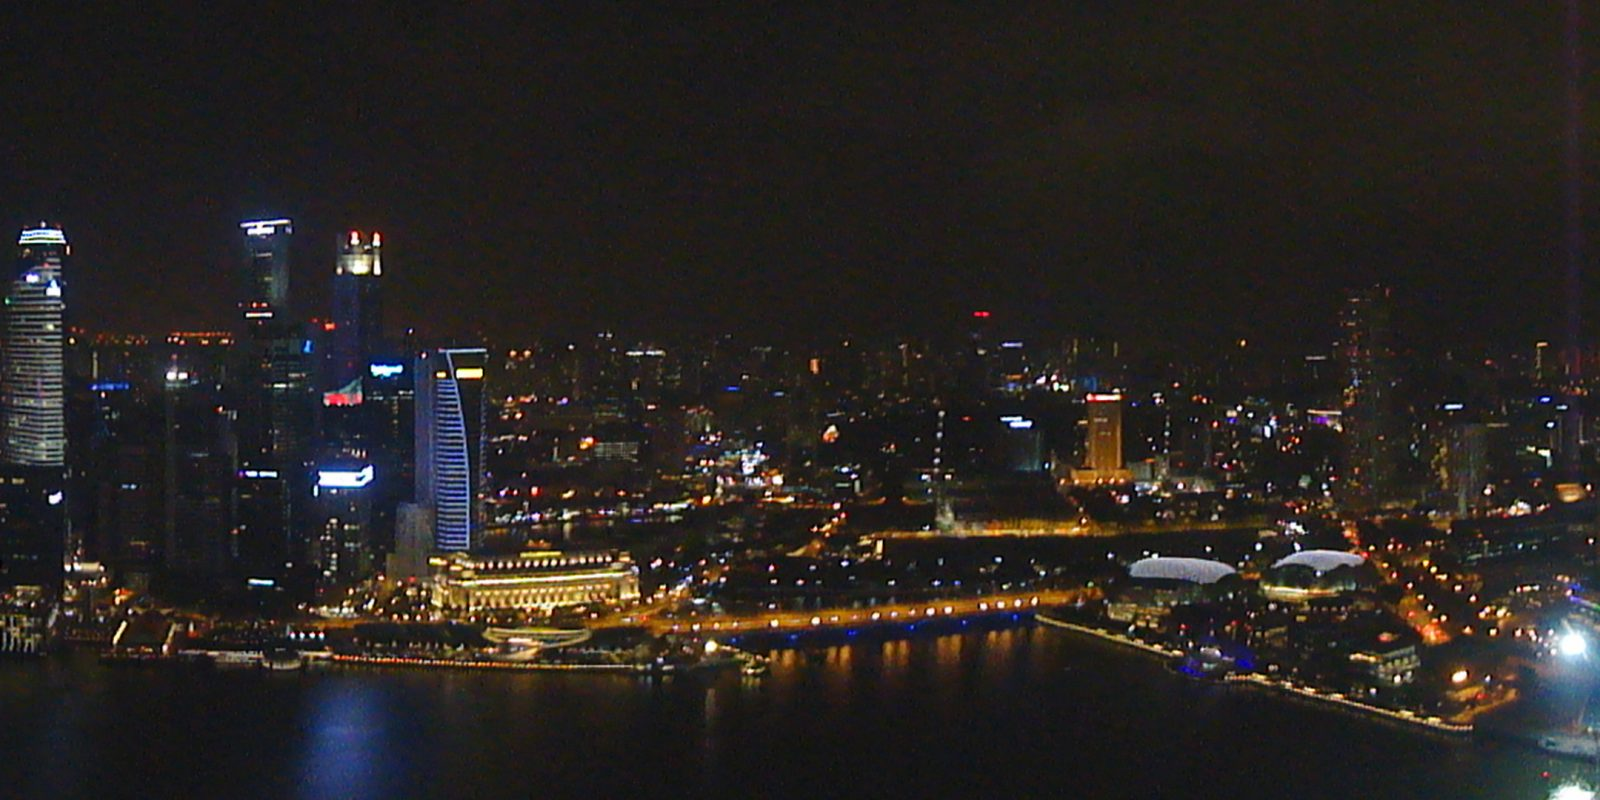 Spectrum TV Singapore Skyline Night Photo